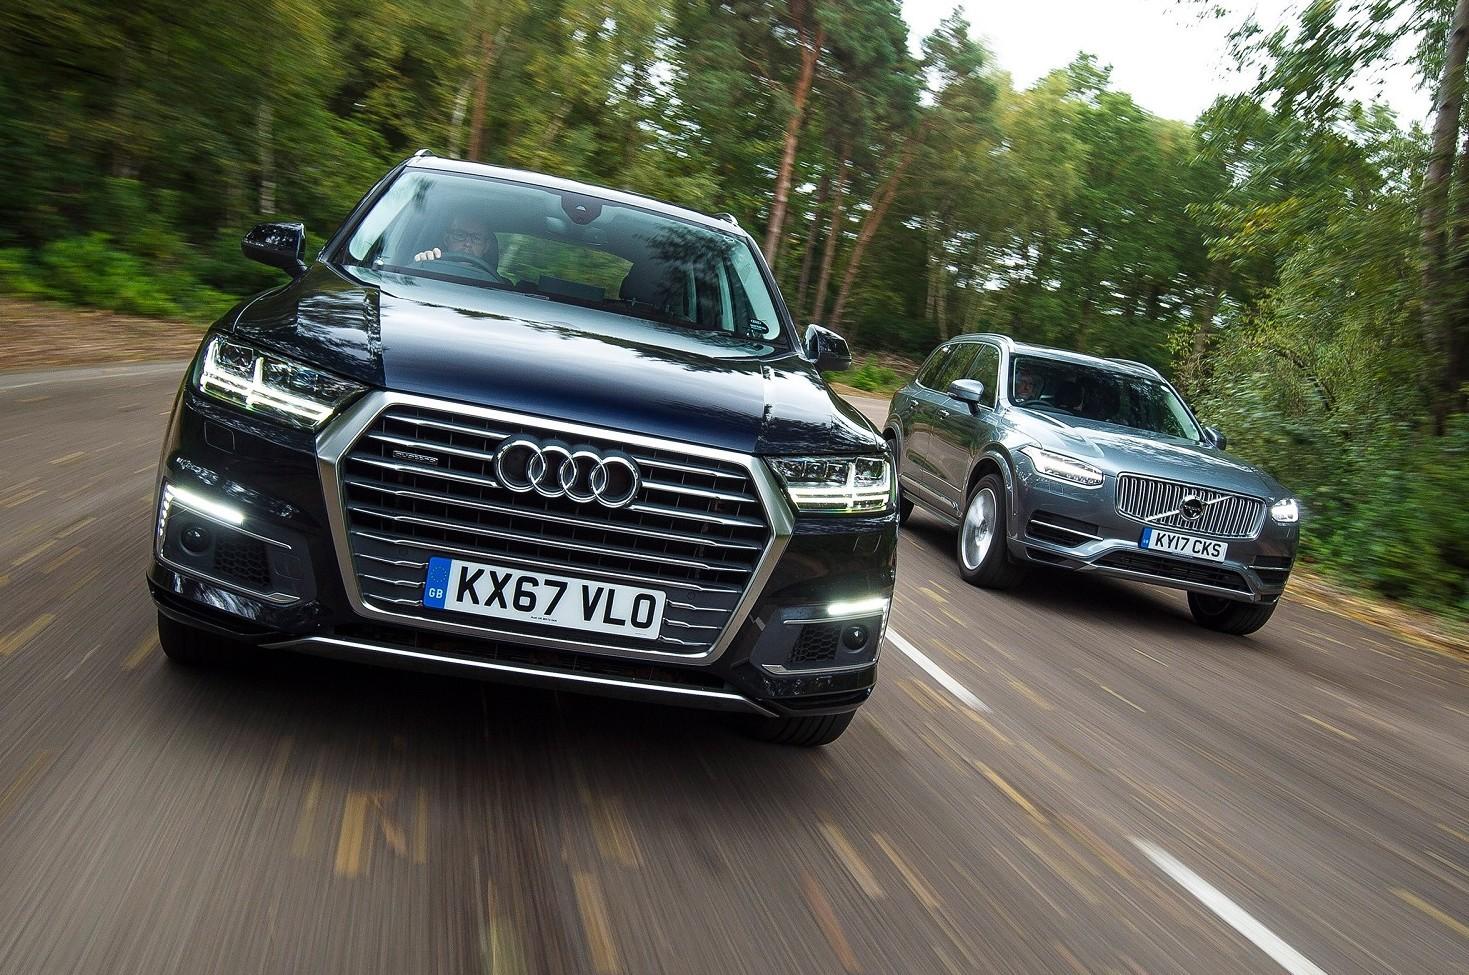 Sconti e promozioni Audi e Volvo Gennaio